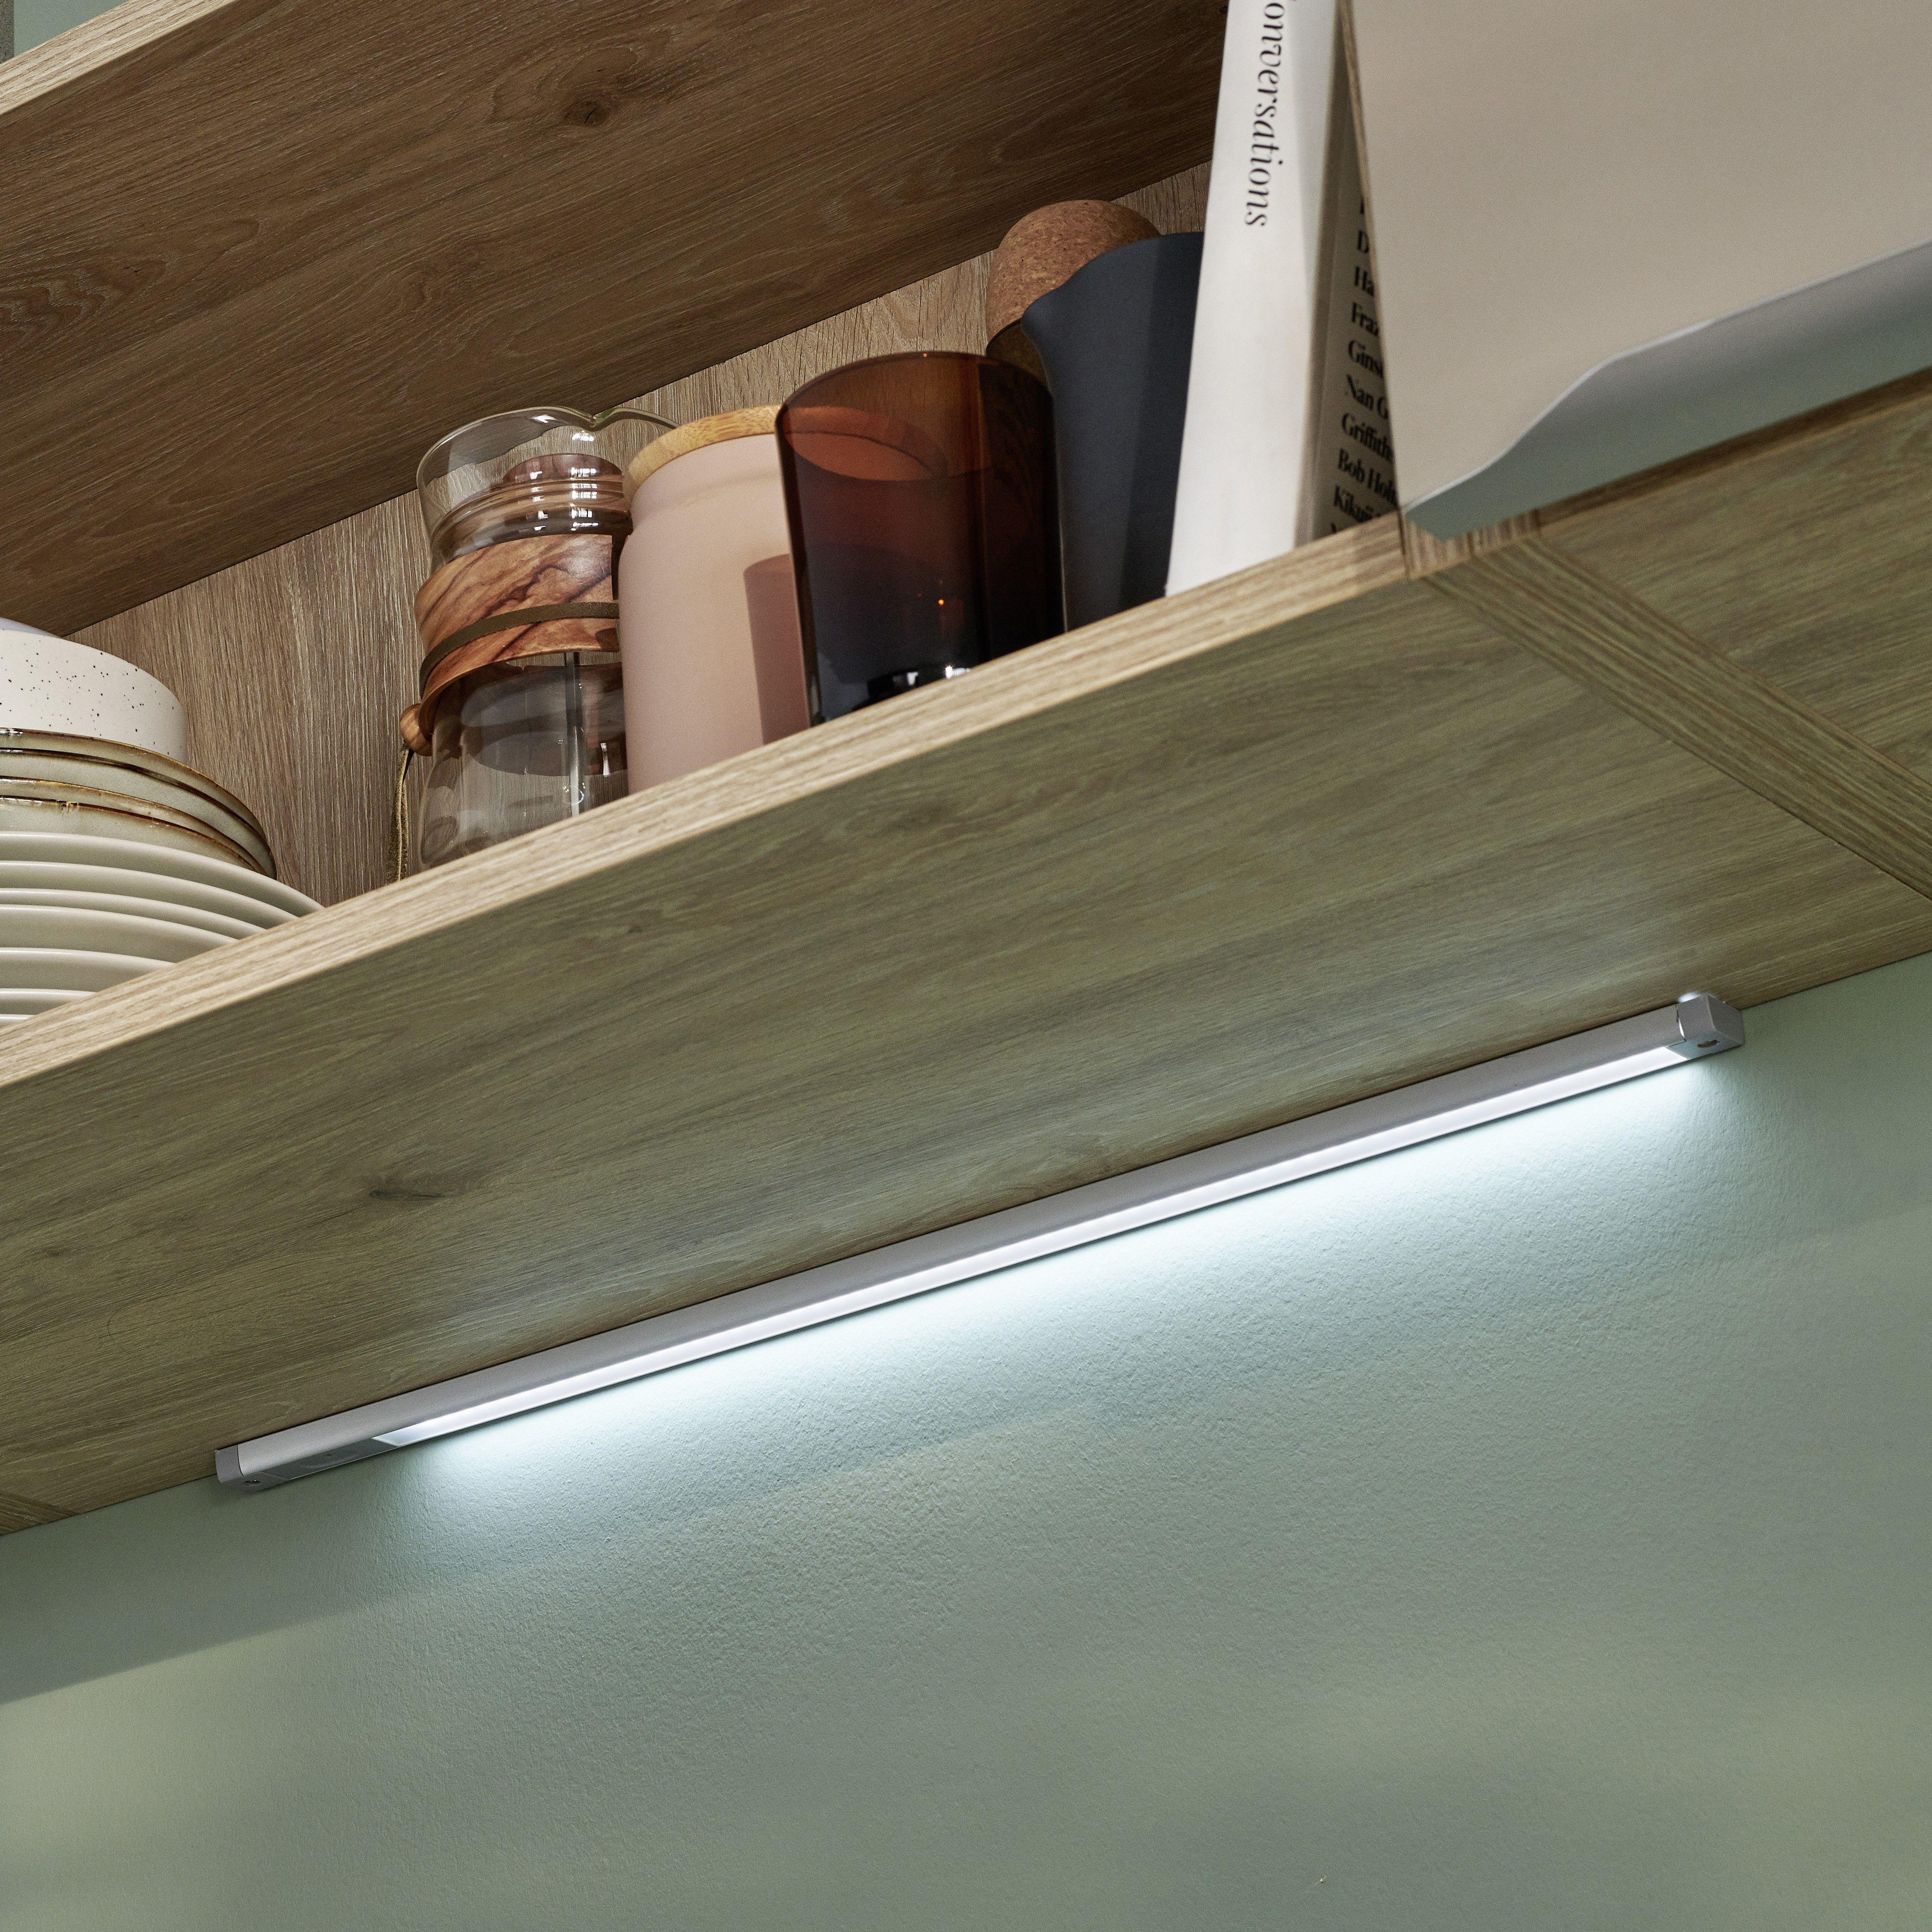 Eclairage Sous Meuble Cuisine Sans Interrupteur réglette led alu | cuisine fonctionnelle, mobilier de salon